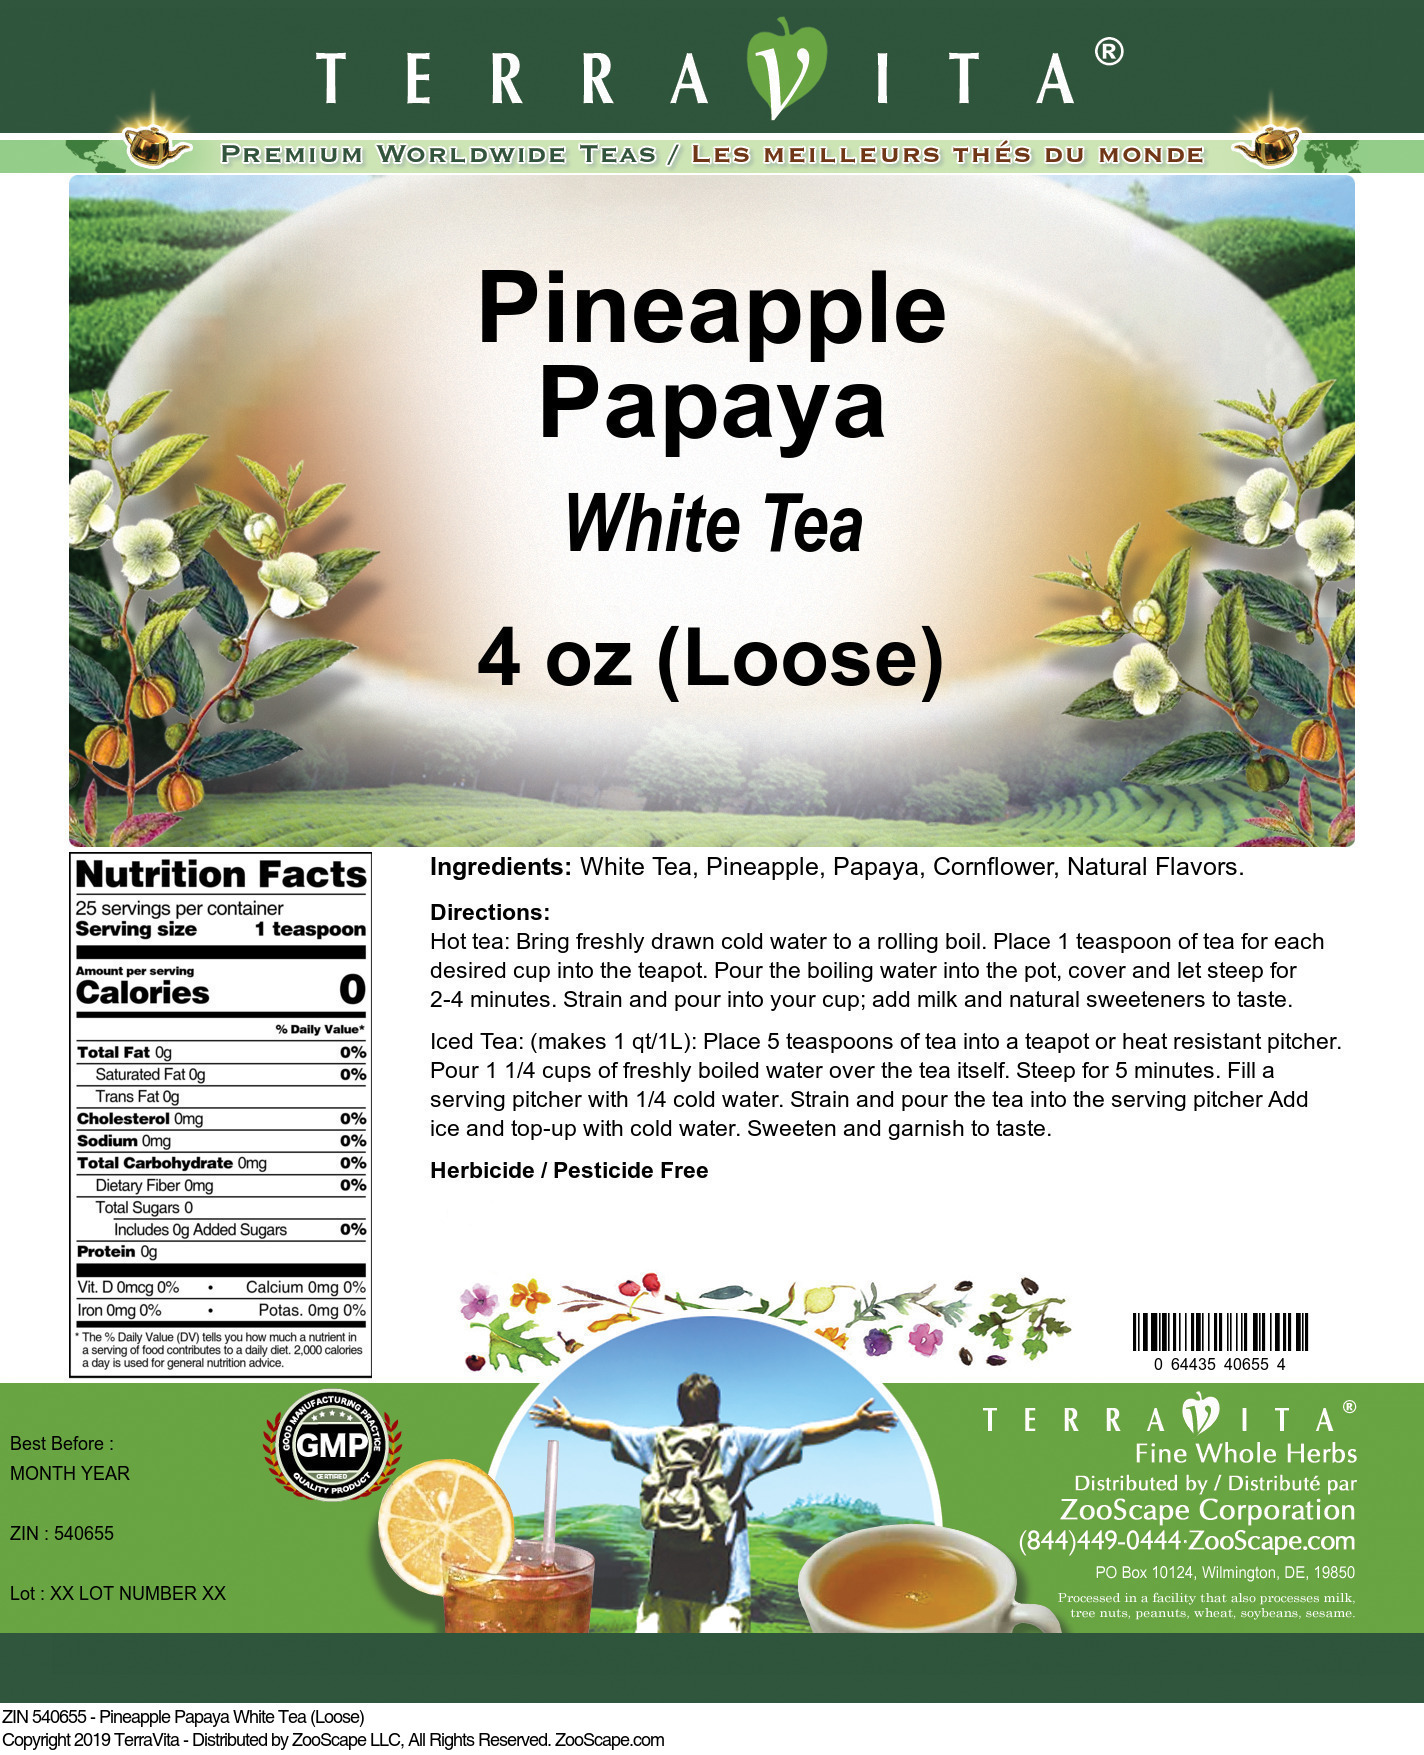 Pineapple Papaya White Tea (Loose)